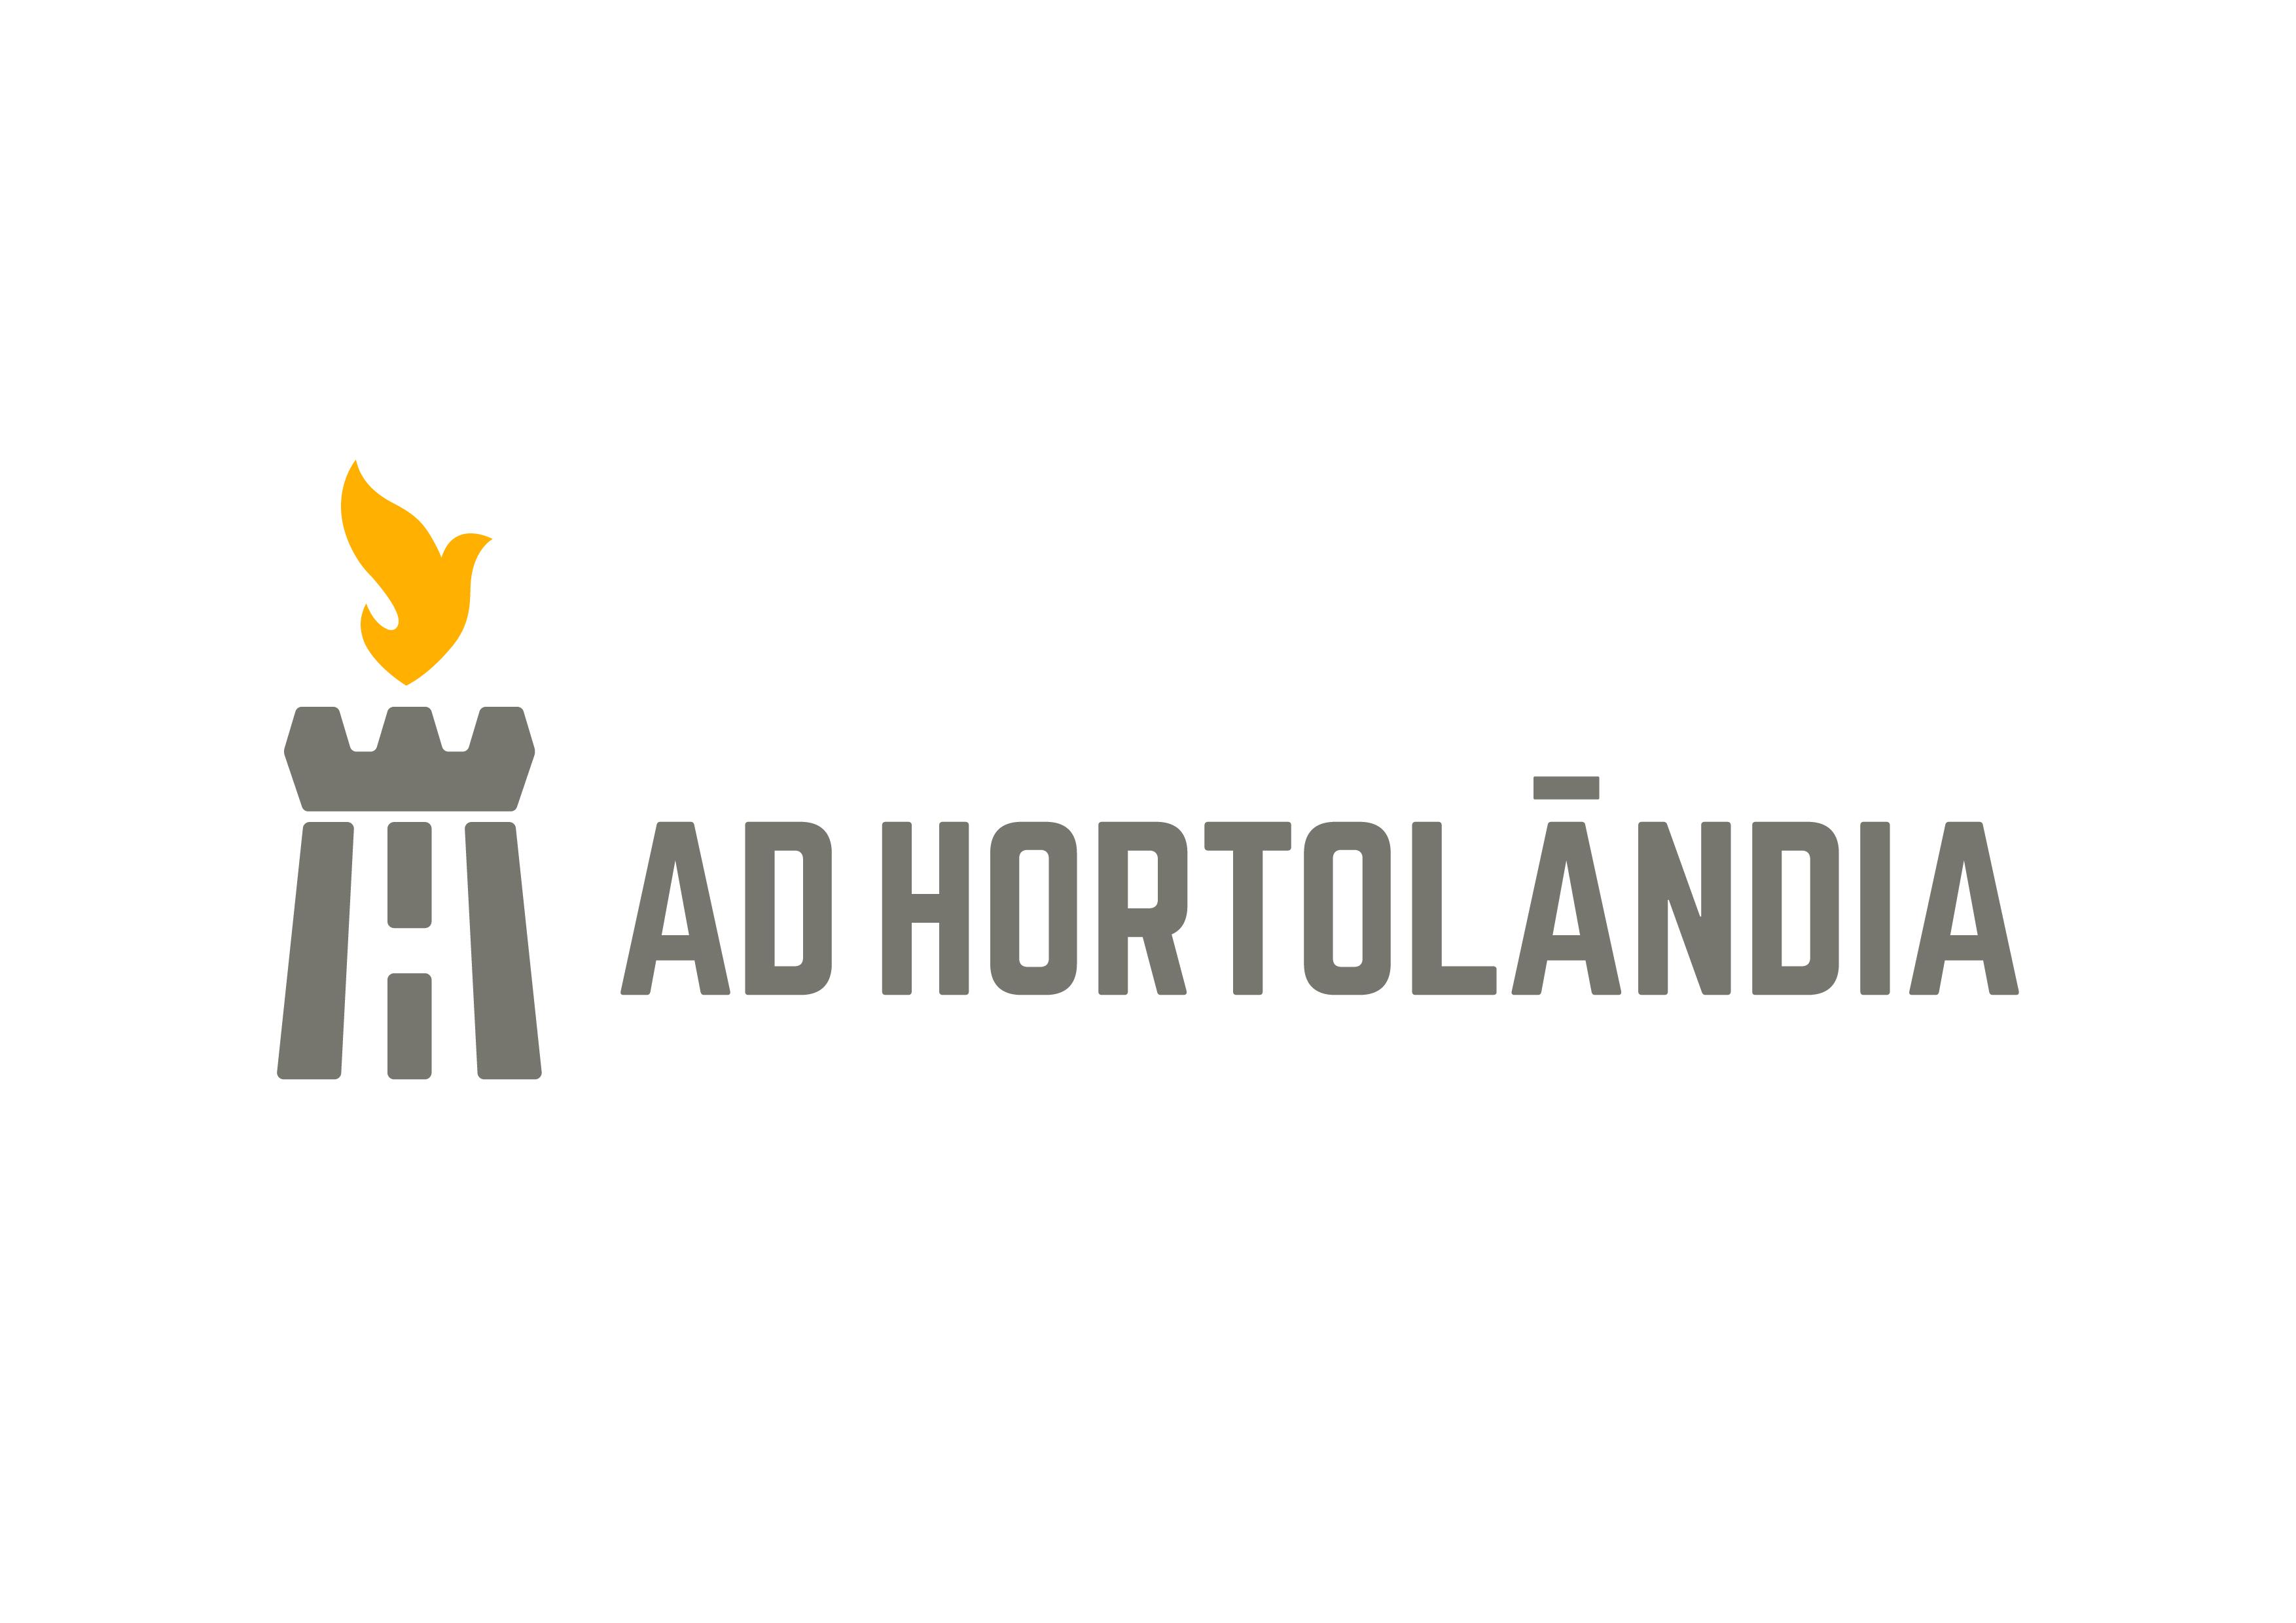 ADH_COR-02